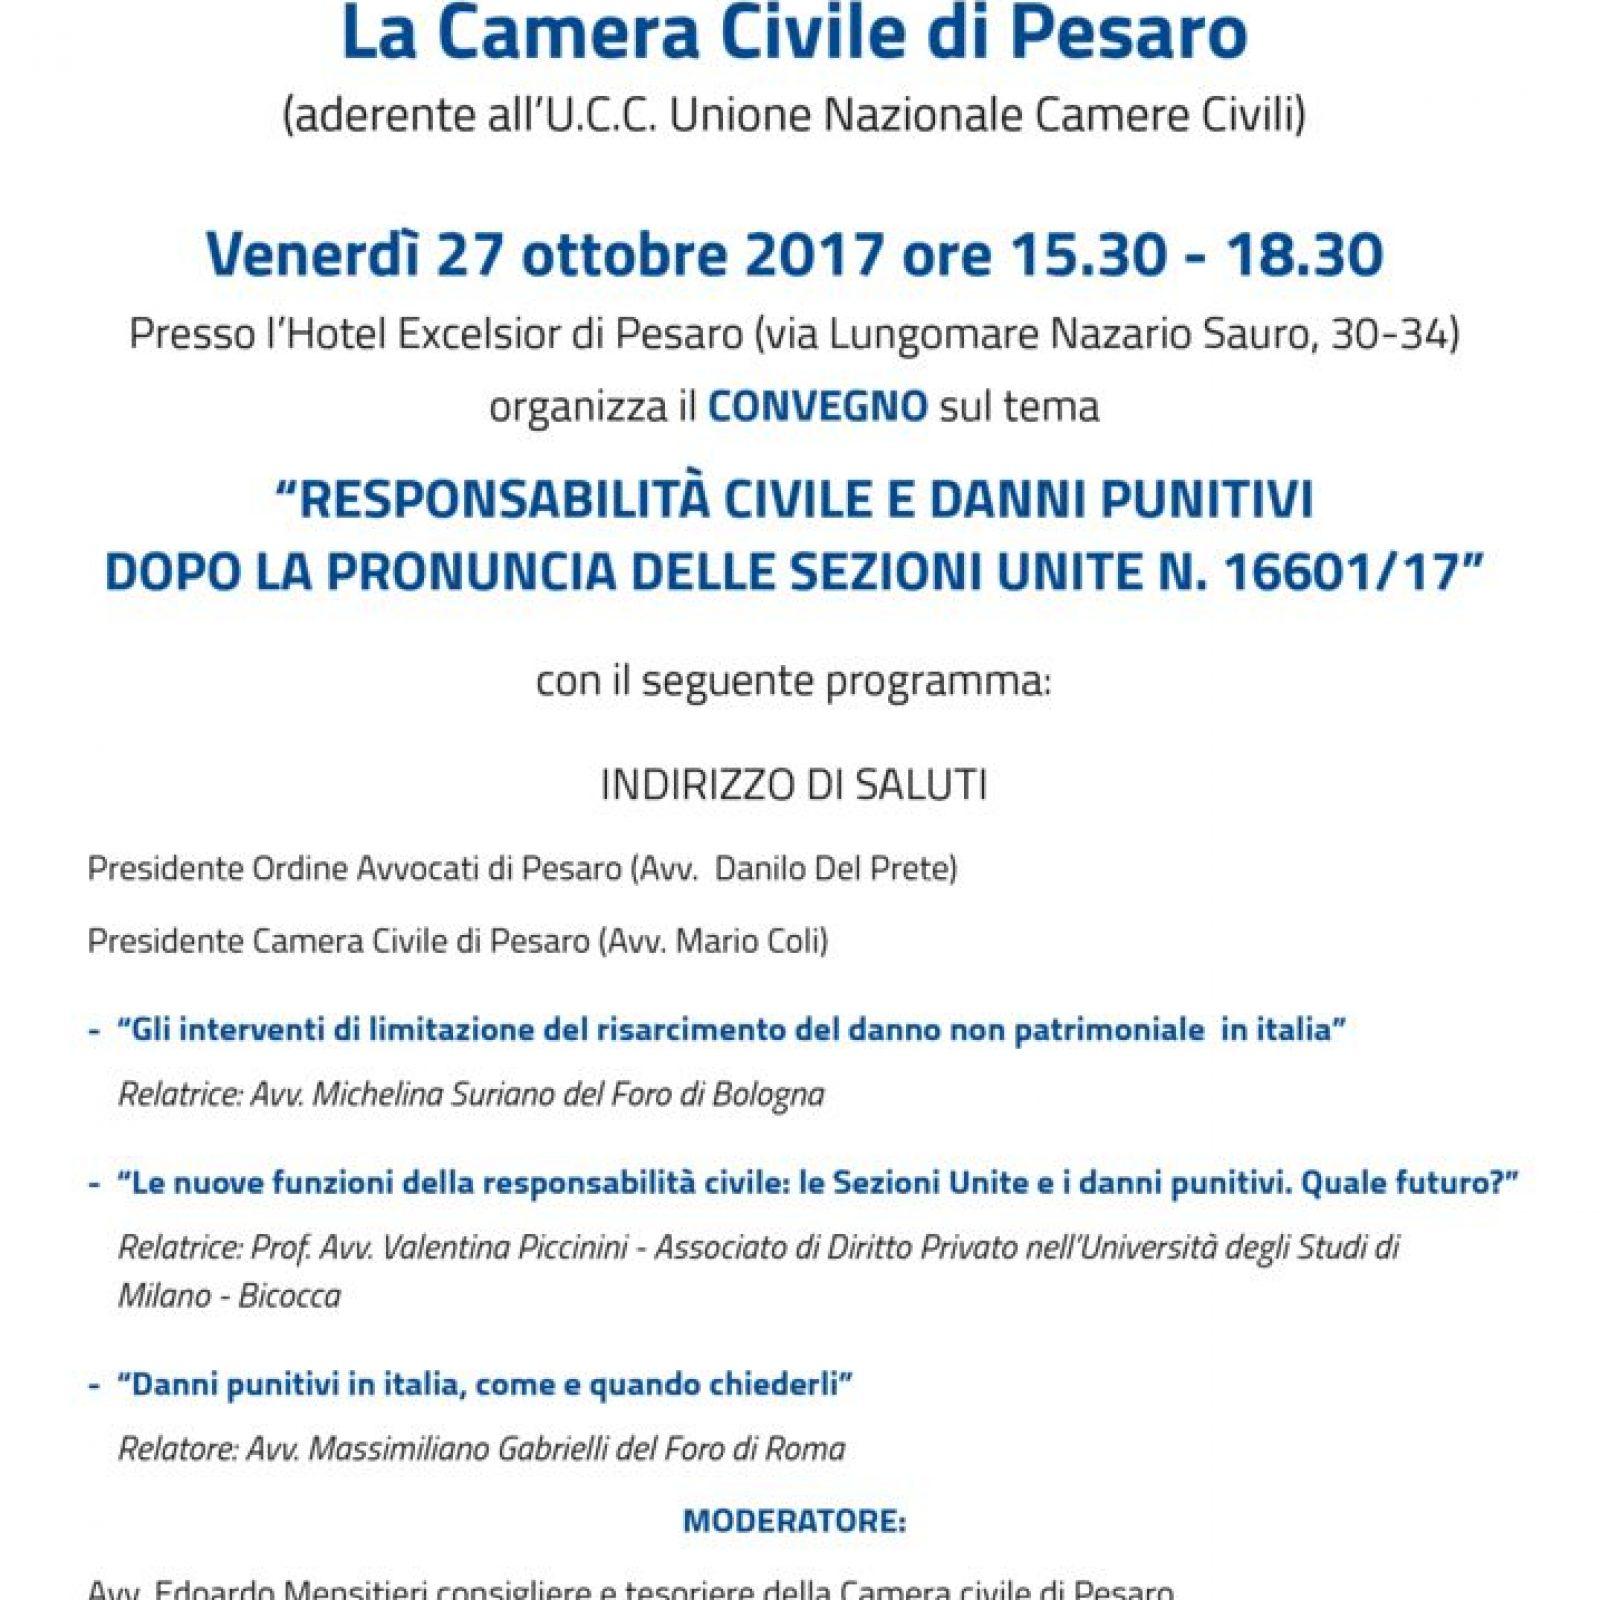 Convegno Camera Civile di Pesaro: responsabilità medica e danni punitivi dopo la pronuncia delle Sezioni Unite n. 16601/2017